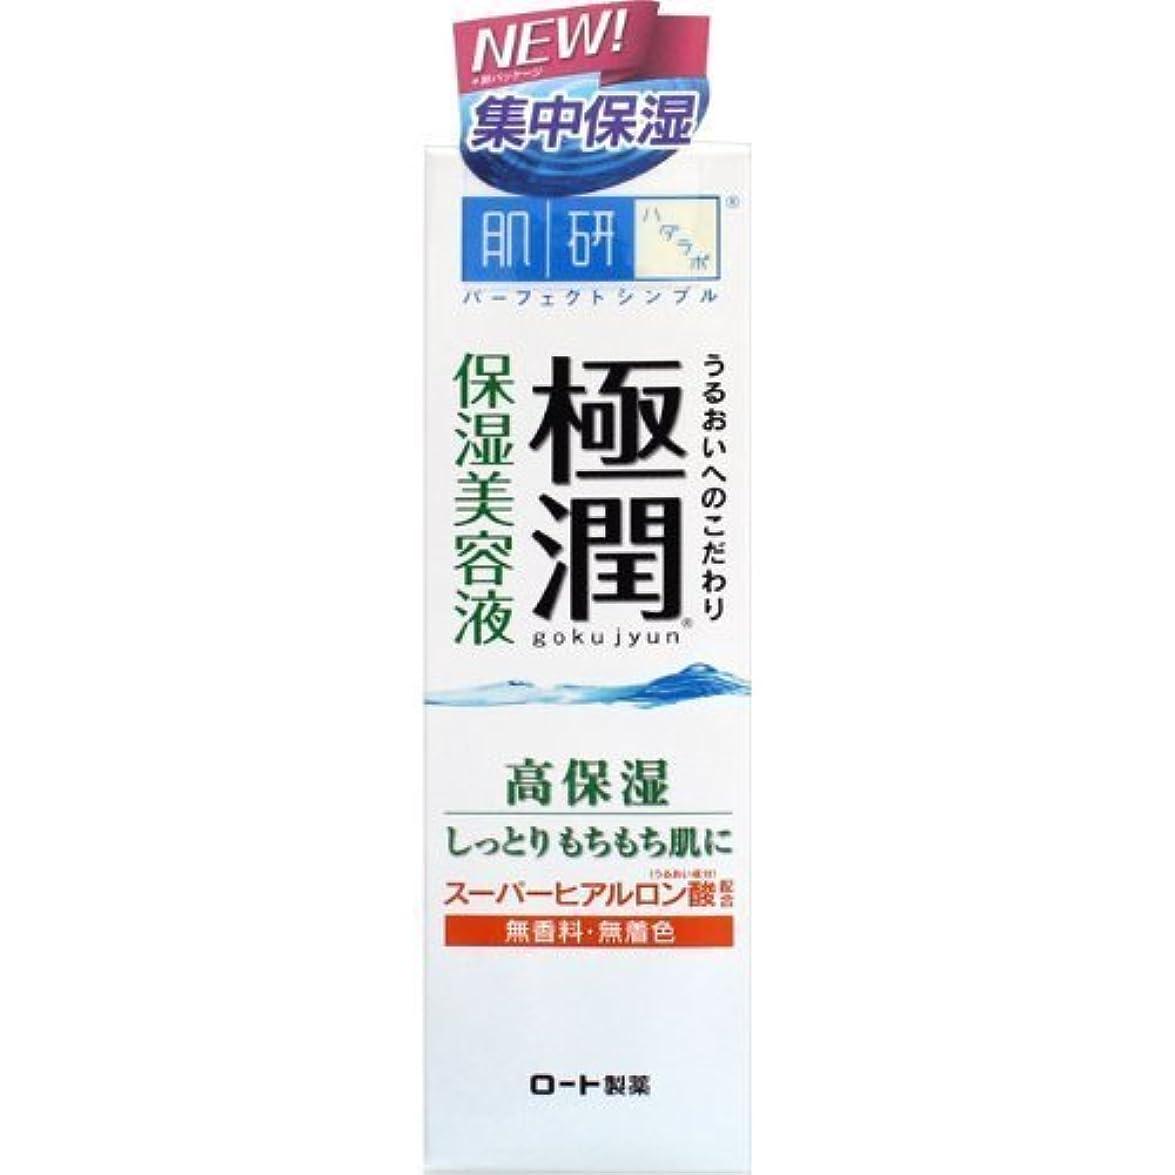 抵当ビジター部屋を掃除する肌研(ハダラボ) 極潤 ヒアルロン美容液 30g